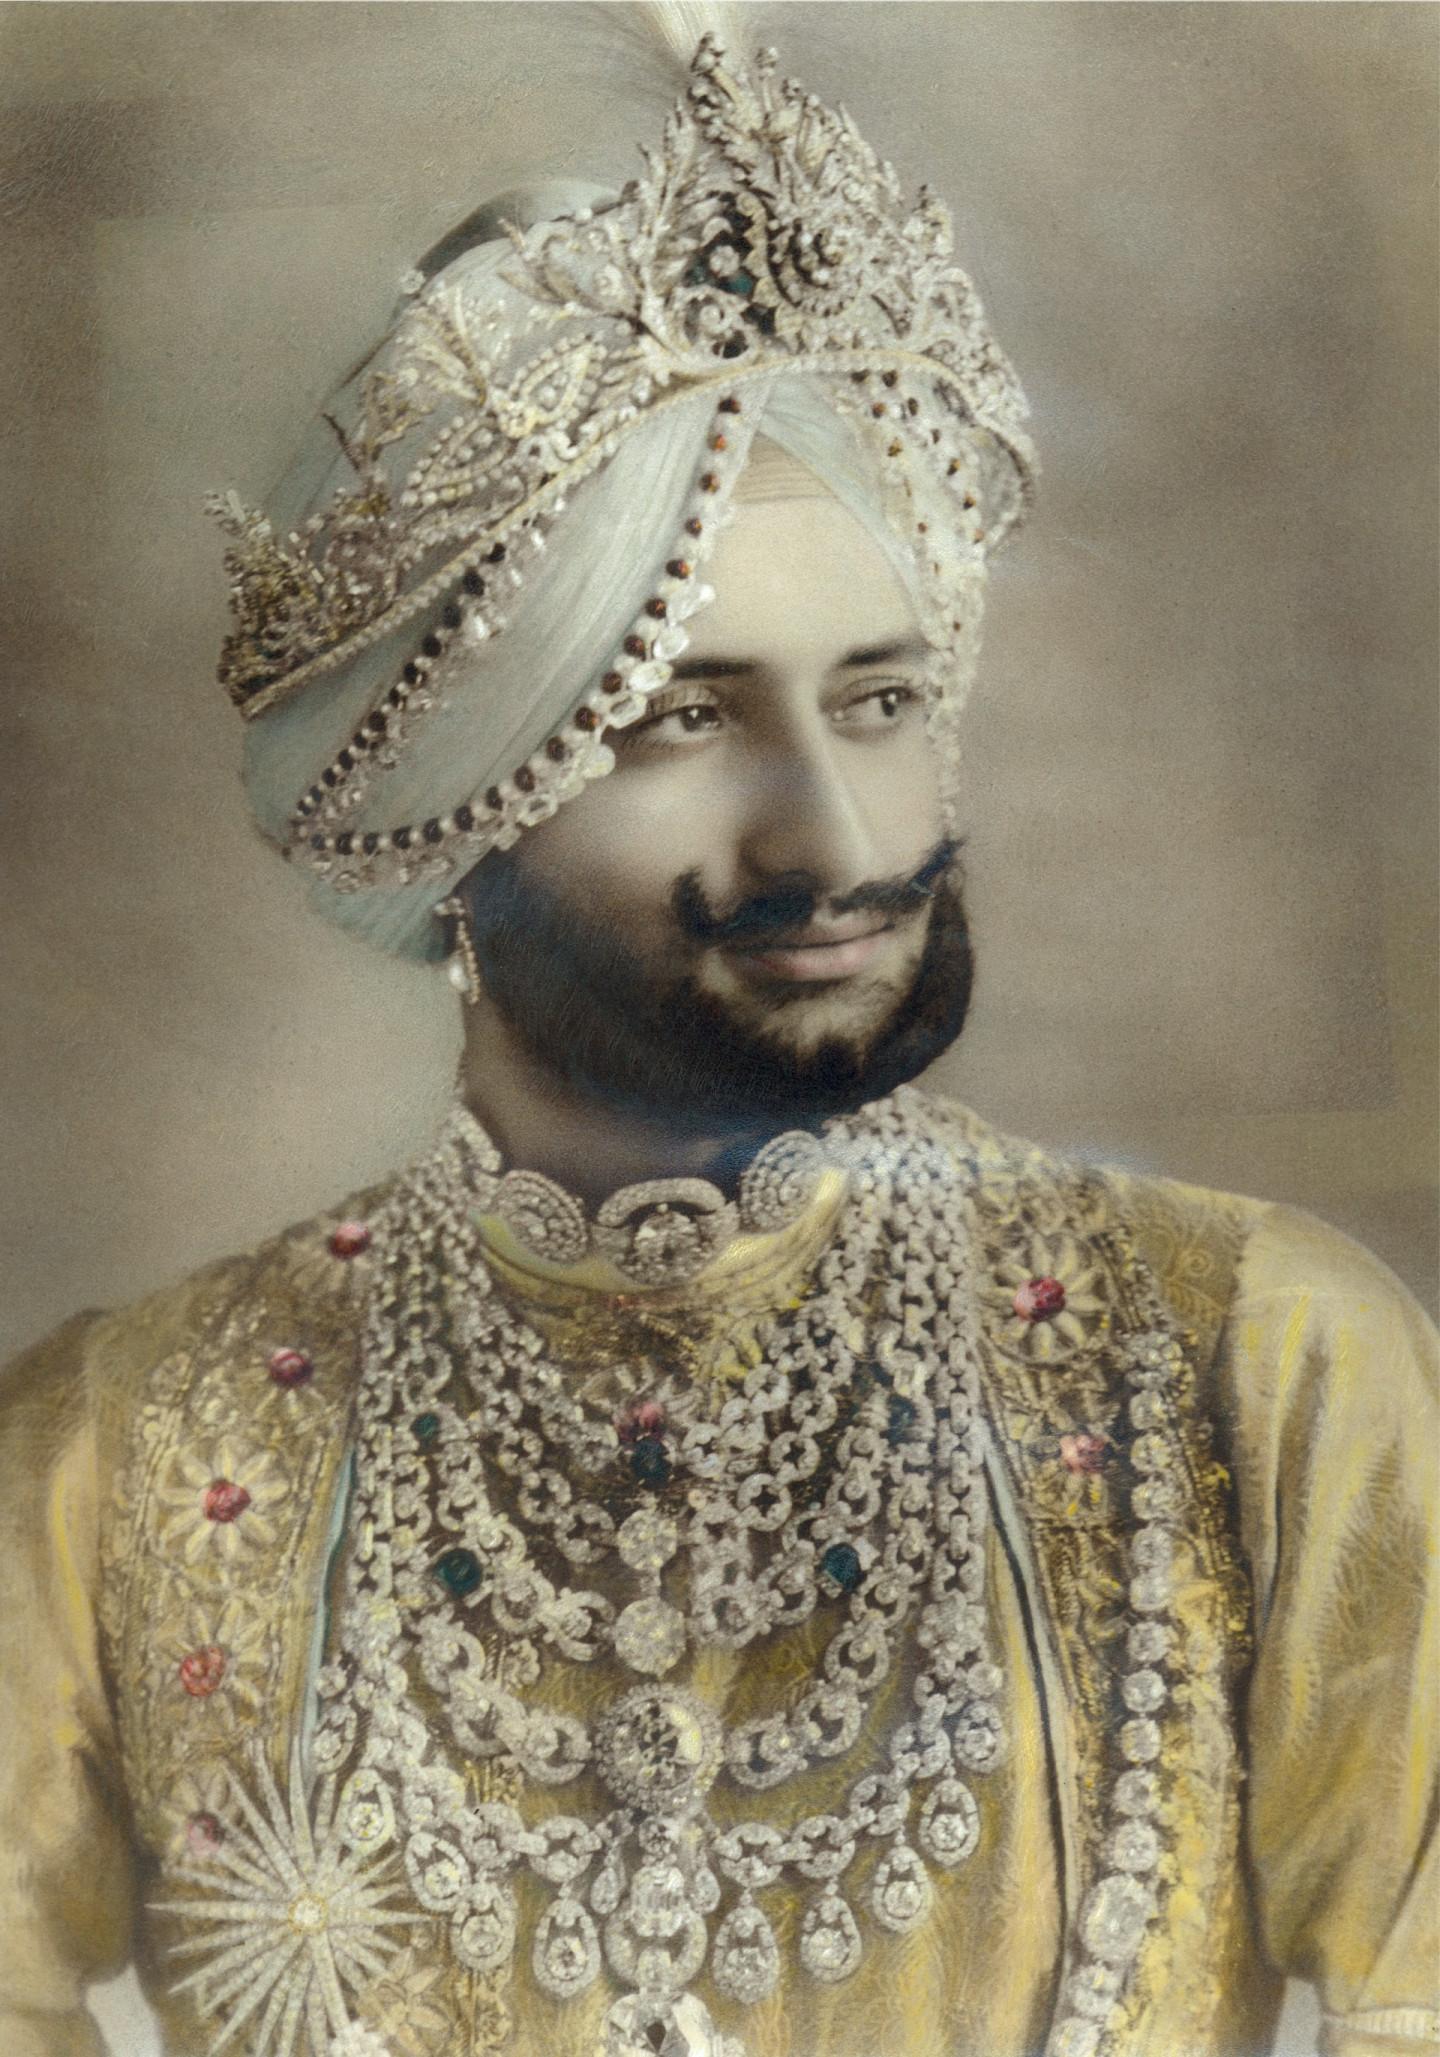 Махараджа ПатиалыЯдавиндра Сингх в нагрудном бриллиантовом ожерелье Cartier